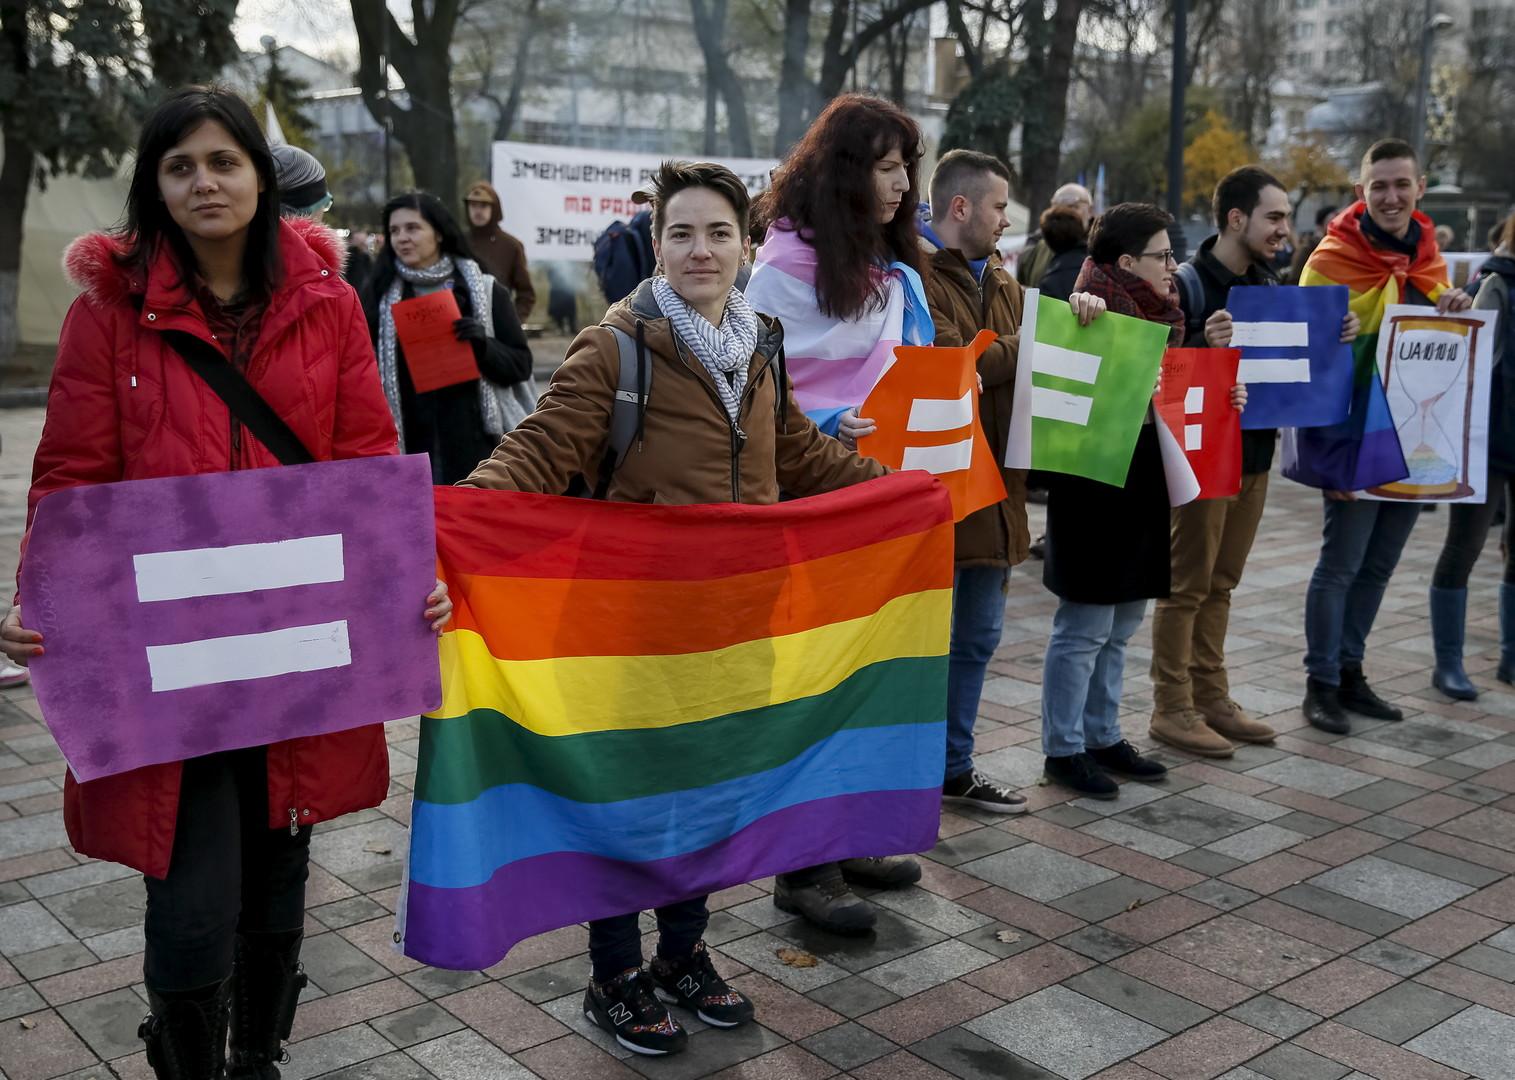 Надеть бельё и обувь для бега: ЛГБТ-активистов в Киеве попросили подготовиться к параду